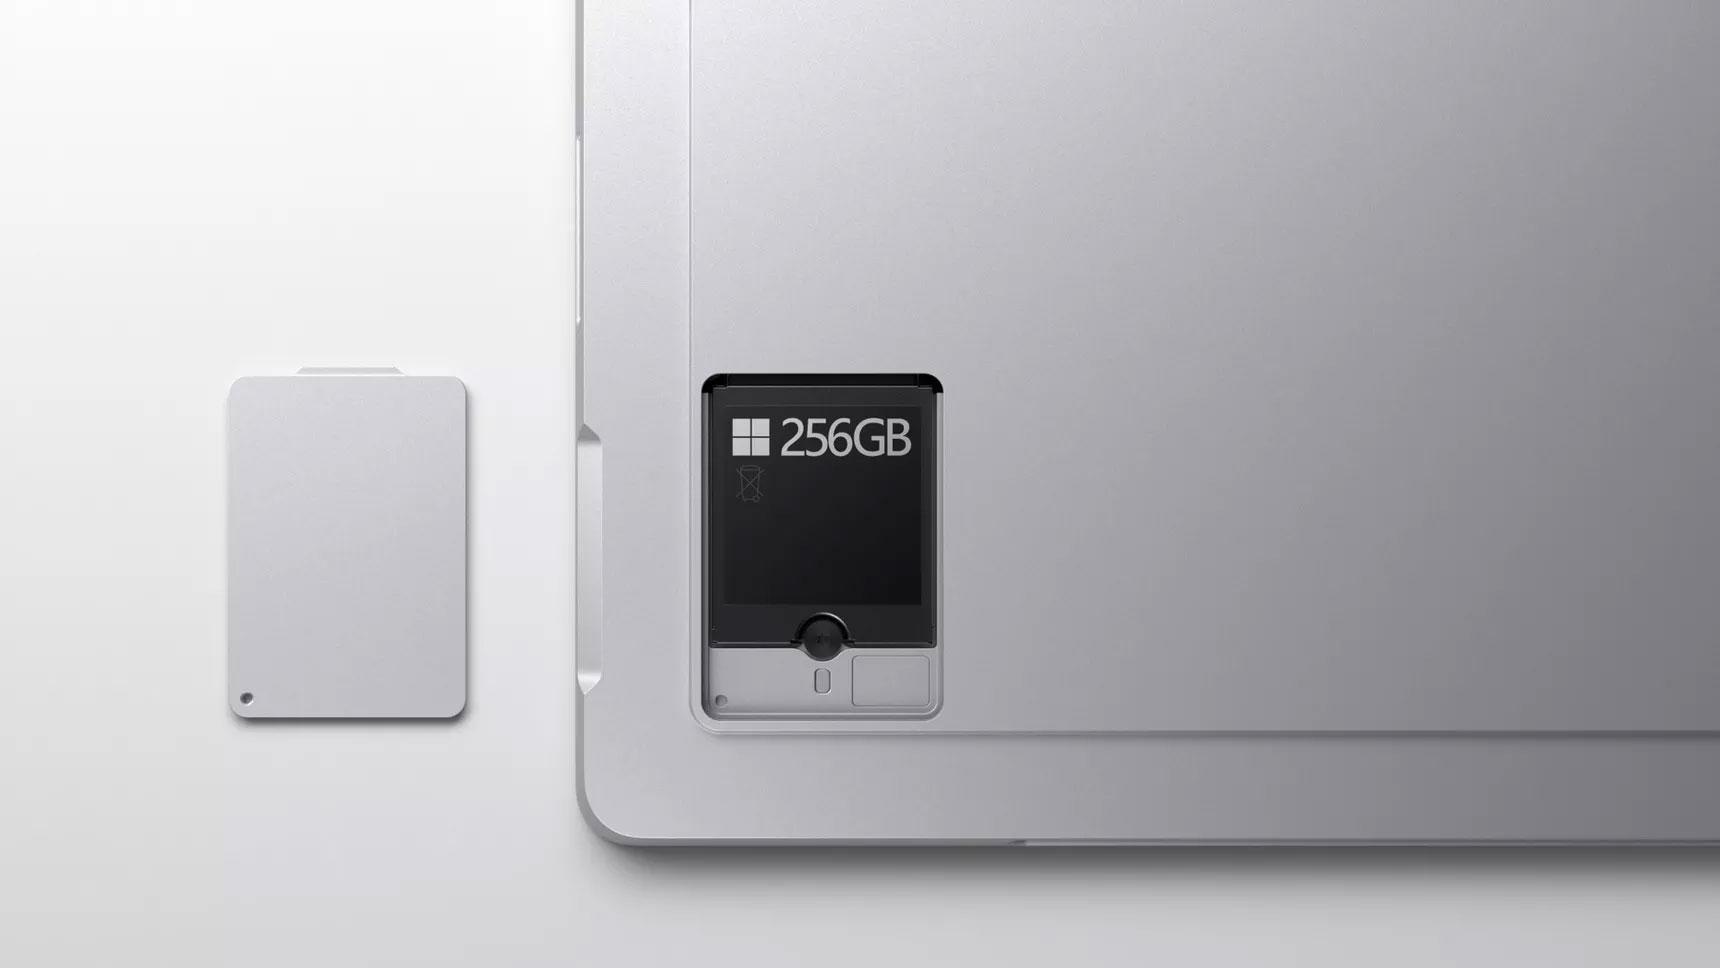 Microsoft Surface Pro 7 Plus máy mạnh, dung lượng pin lớn hiện có giá bán 899 USD - Ảnh 4.